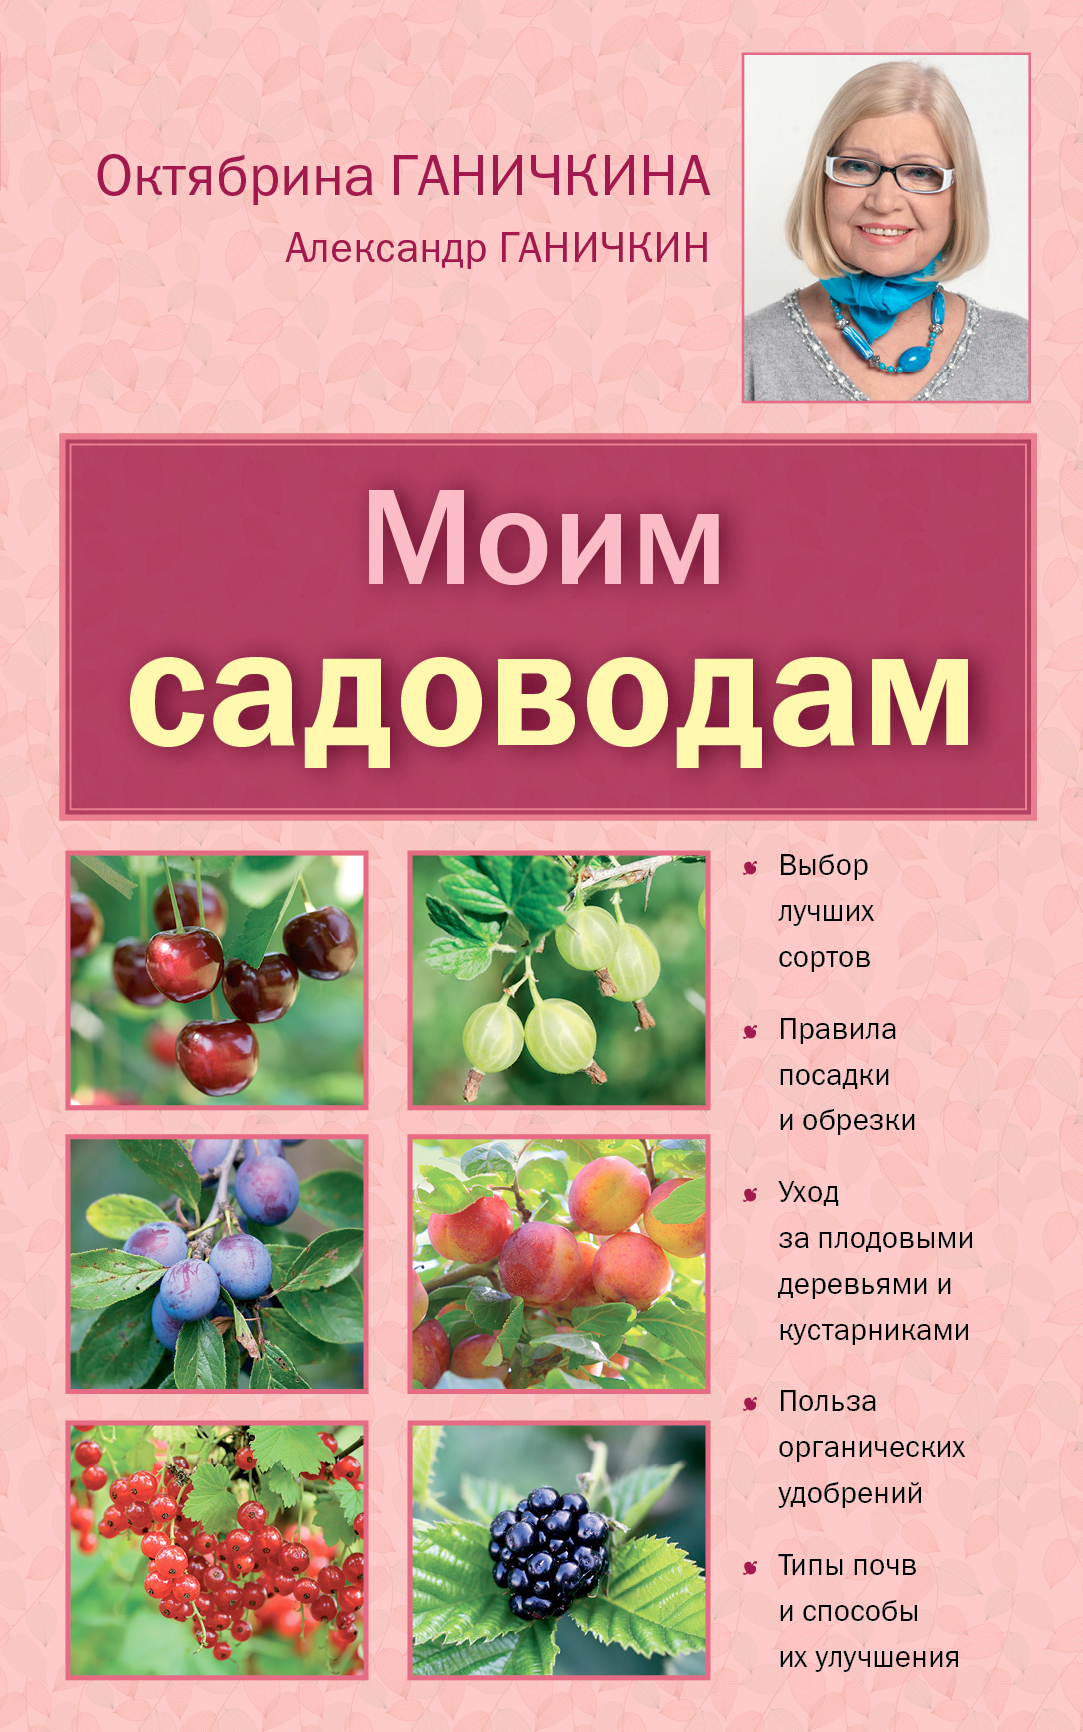 Моим садоводам. 7-е изд., доп. и перераб. [новое оформление]